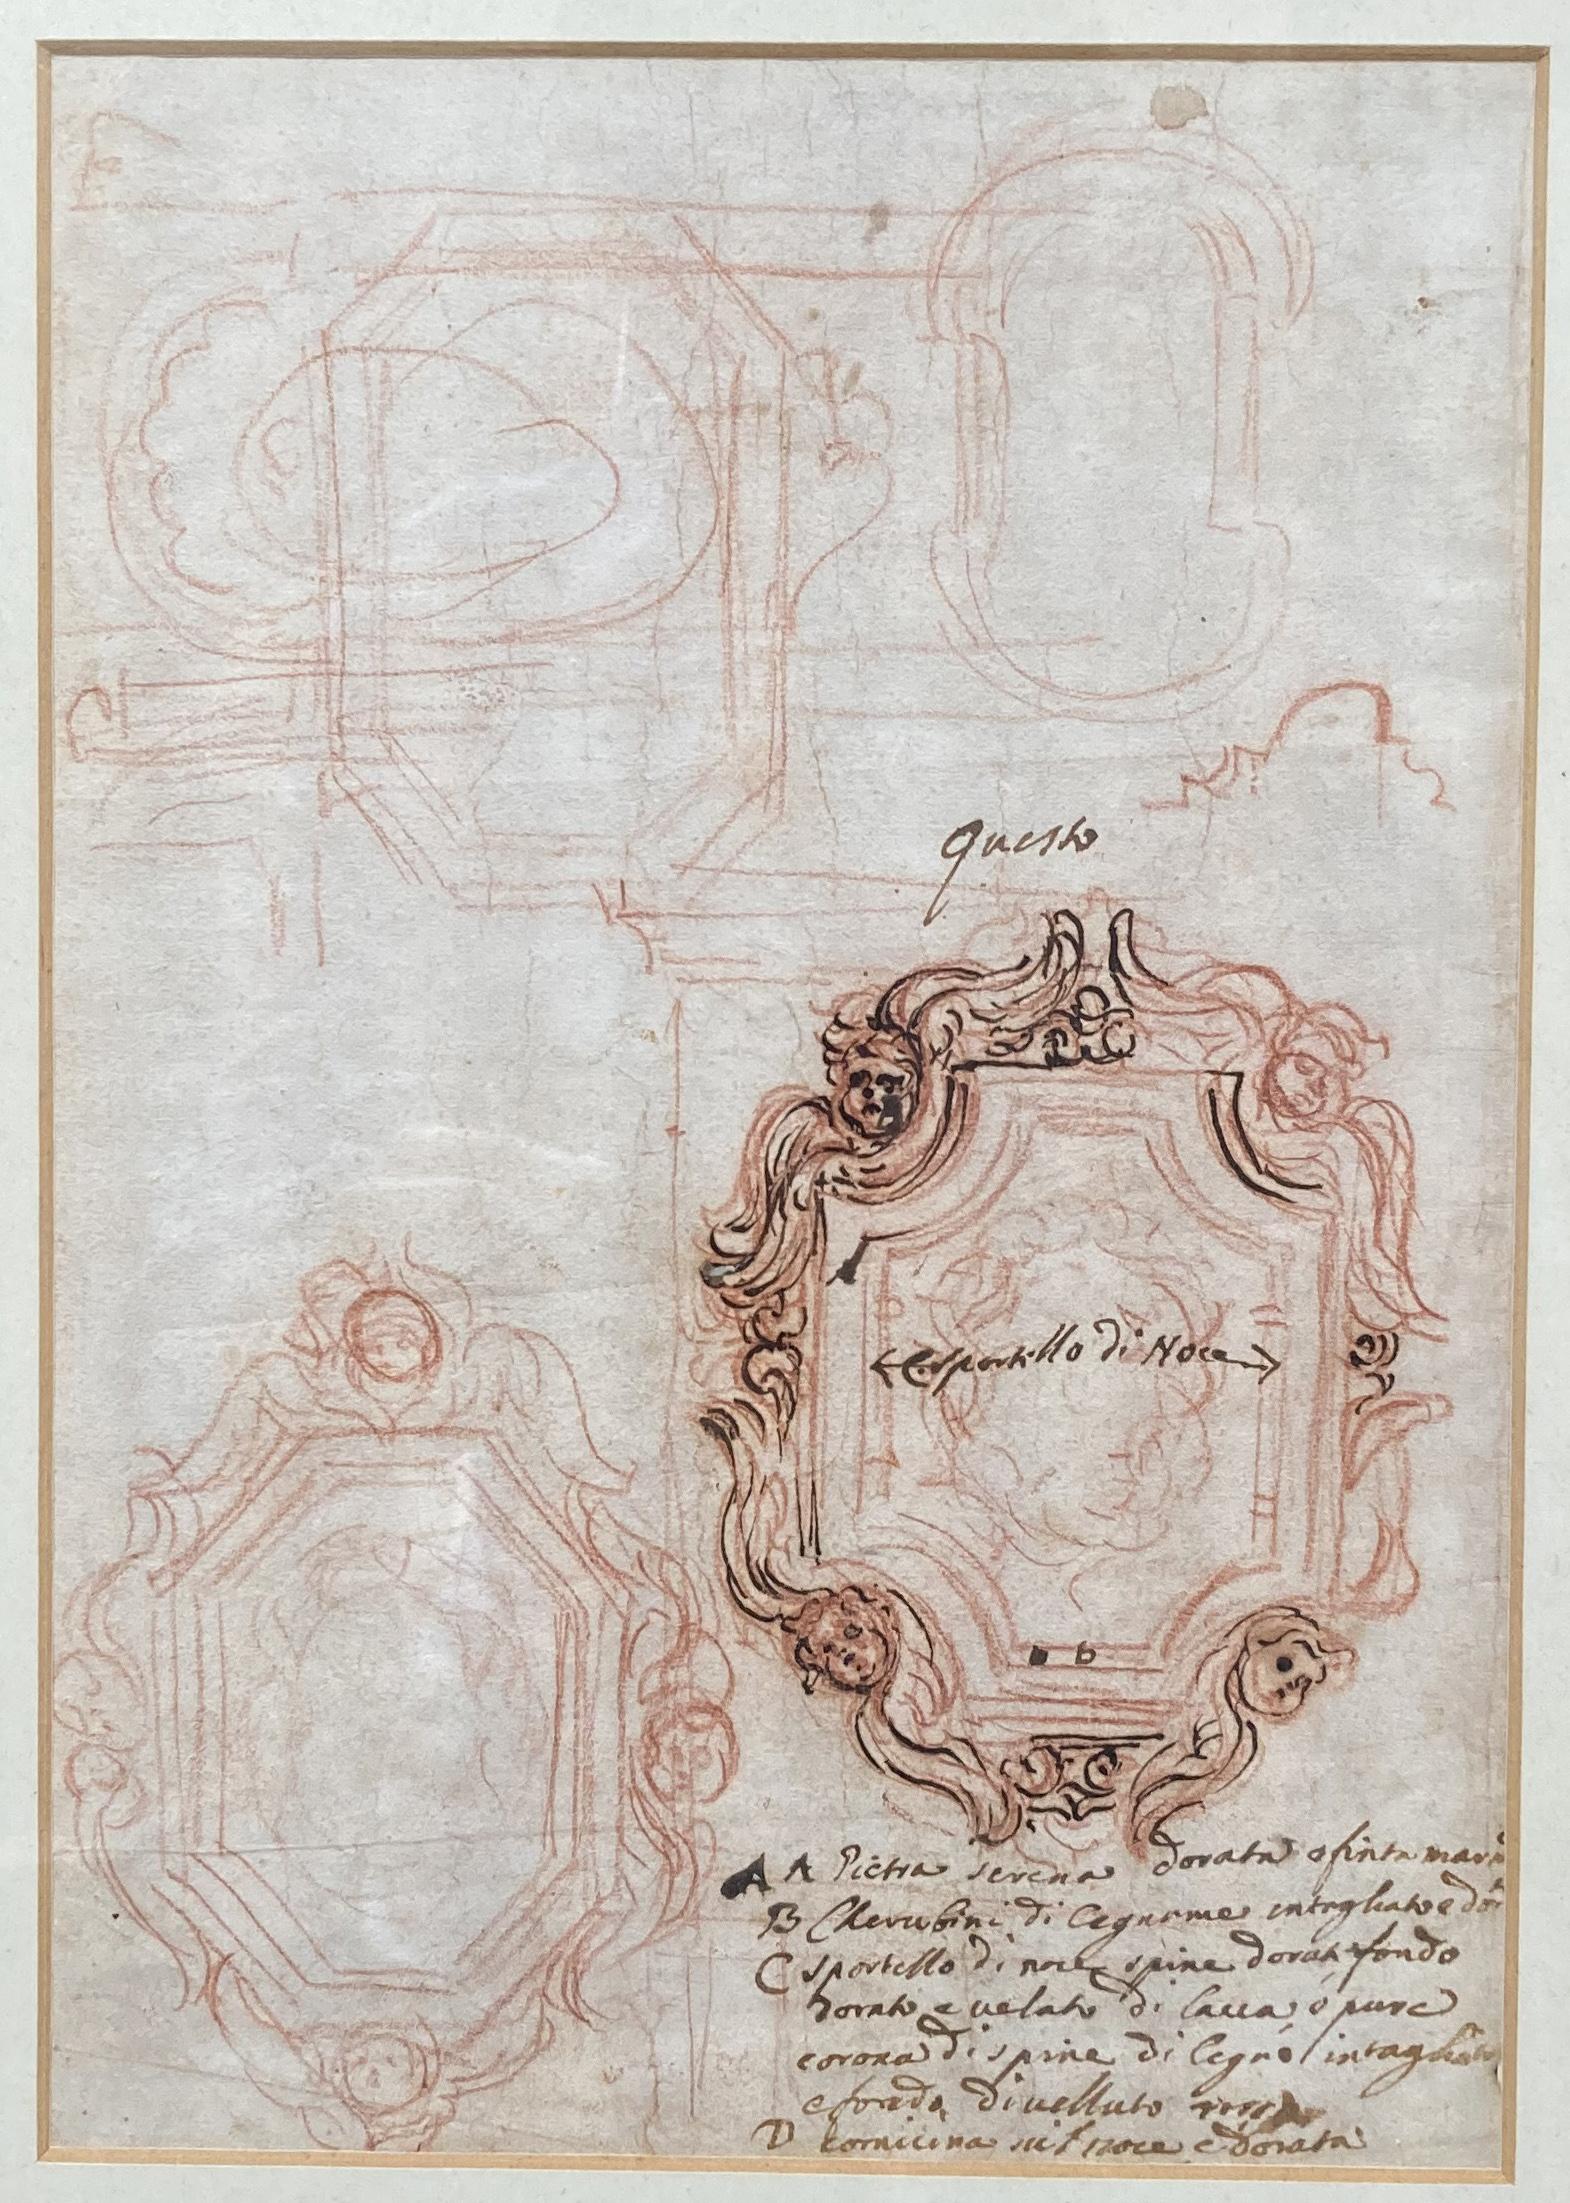 12C Volterrano sheet 1 recto 29 x 20cm